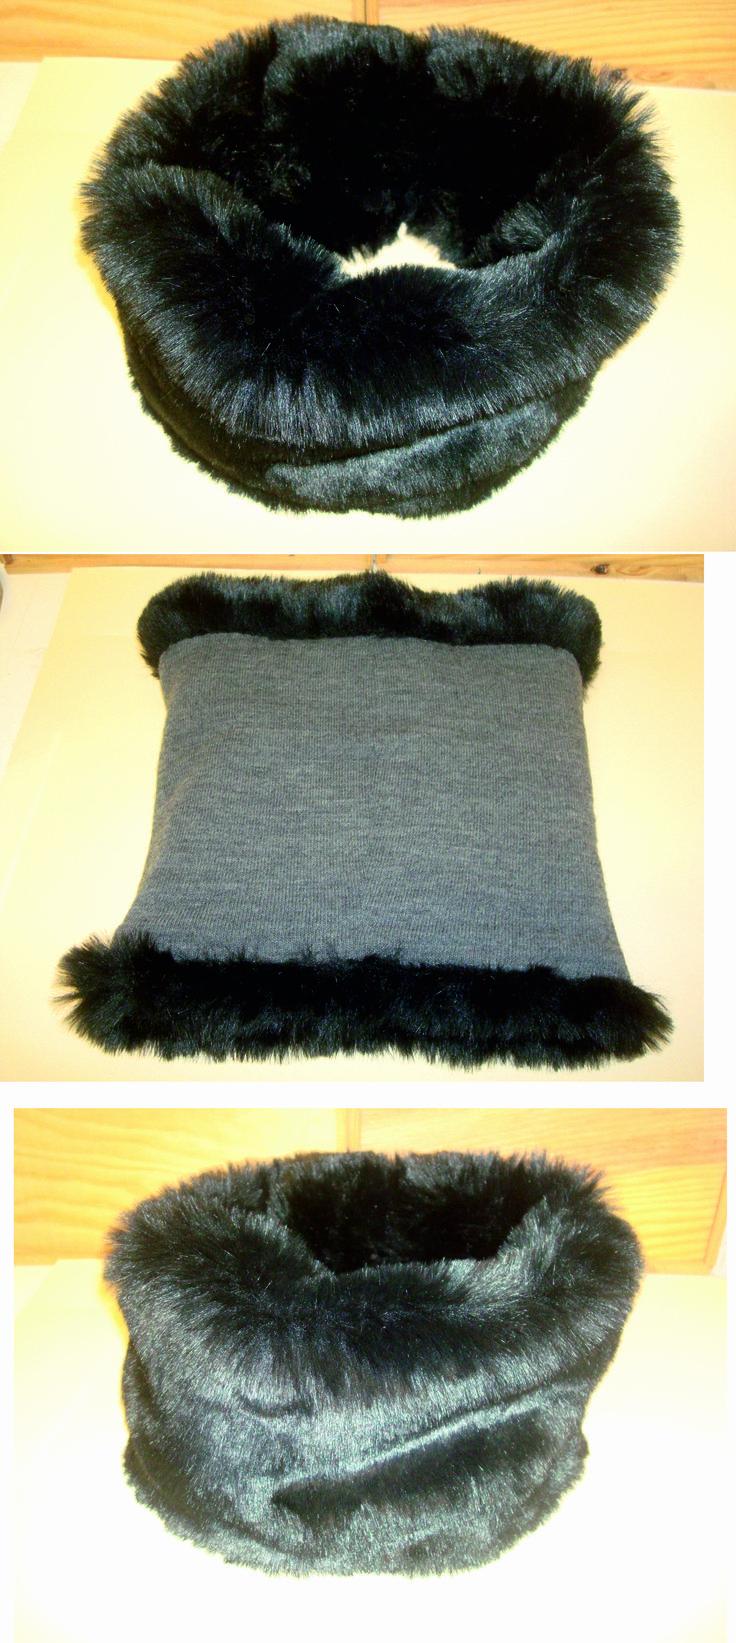 Cuello de tela de pelo negro y tela de algodón gris por dentro